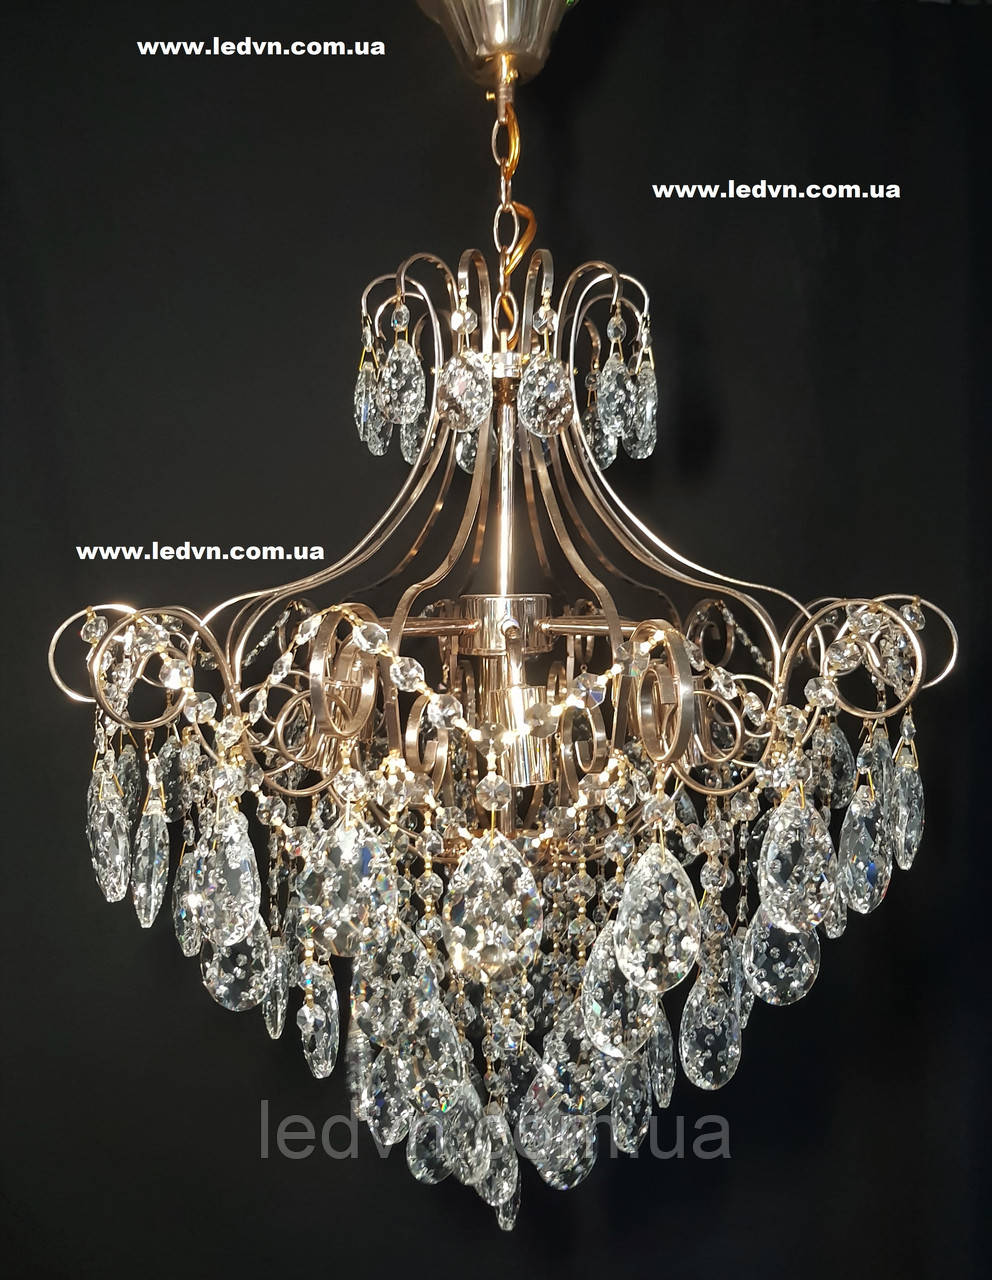 Хрустальная люстра в золоте 6 ламп 1144